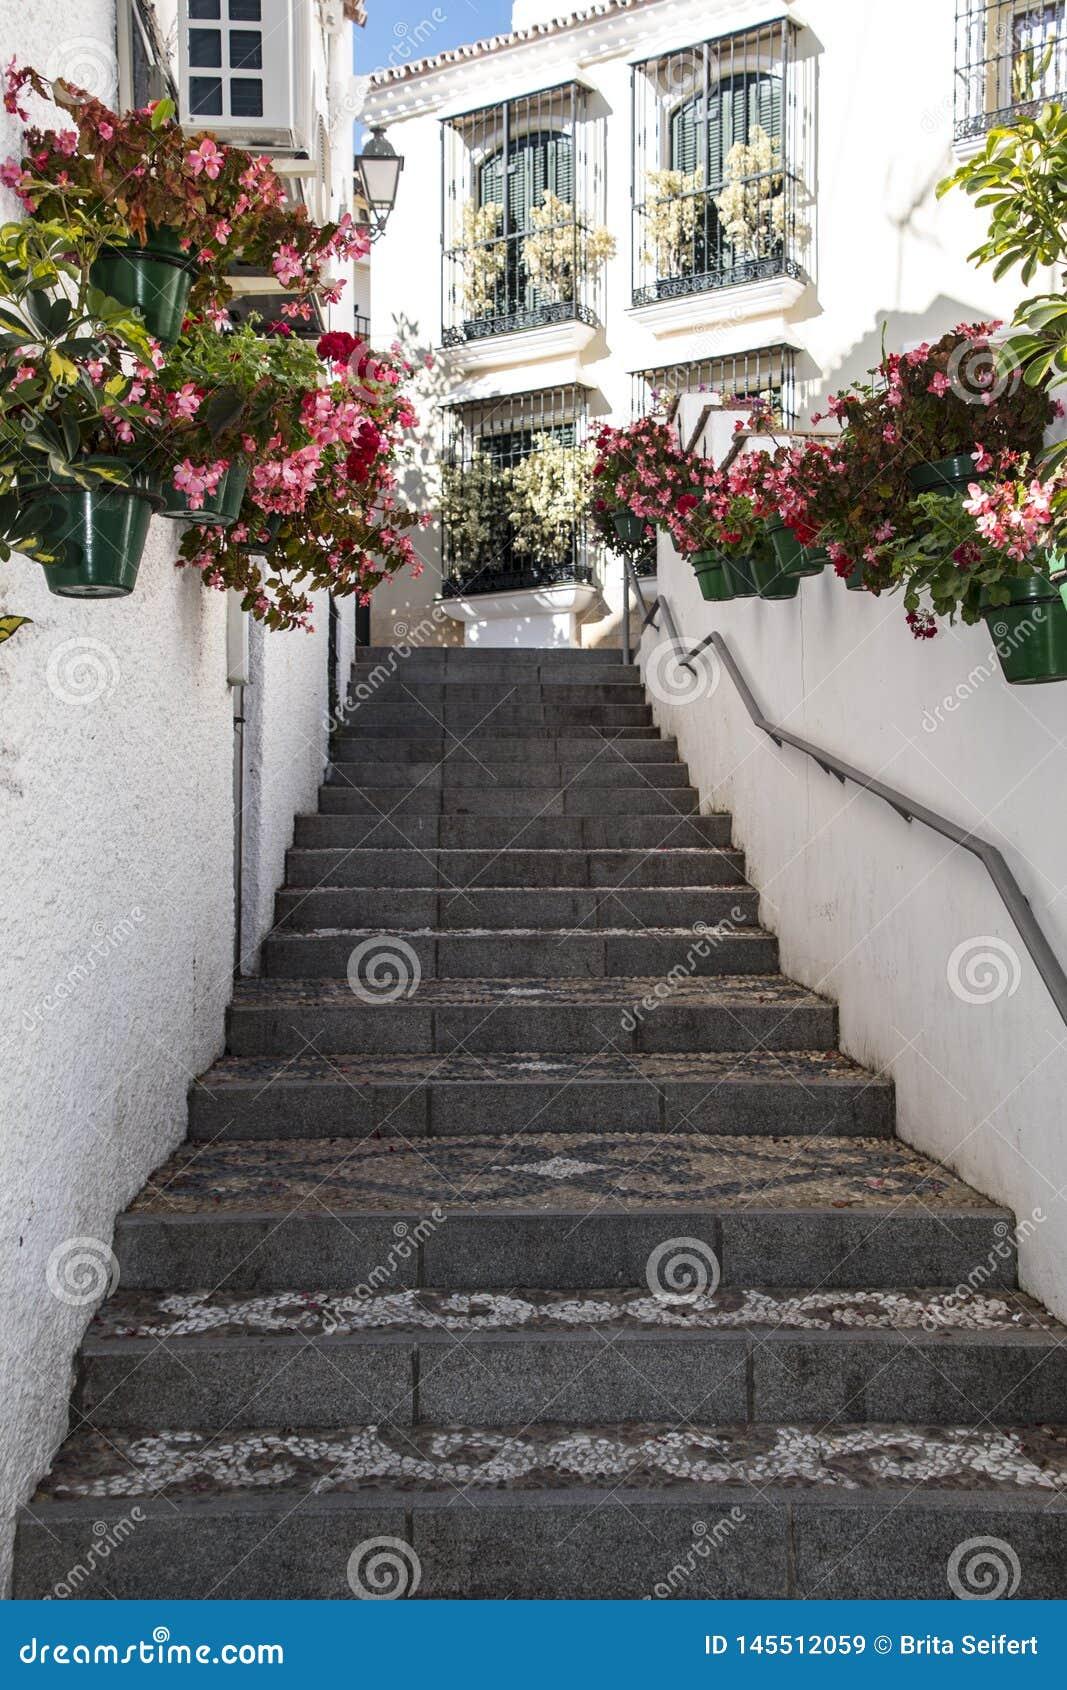 ESTEPONA, SPANIEN - 20. April 2019 - Treppe in der Stadt Estepona, Andalusien, Spanien